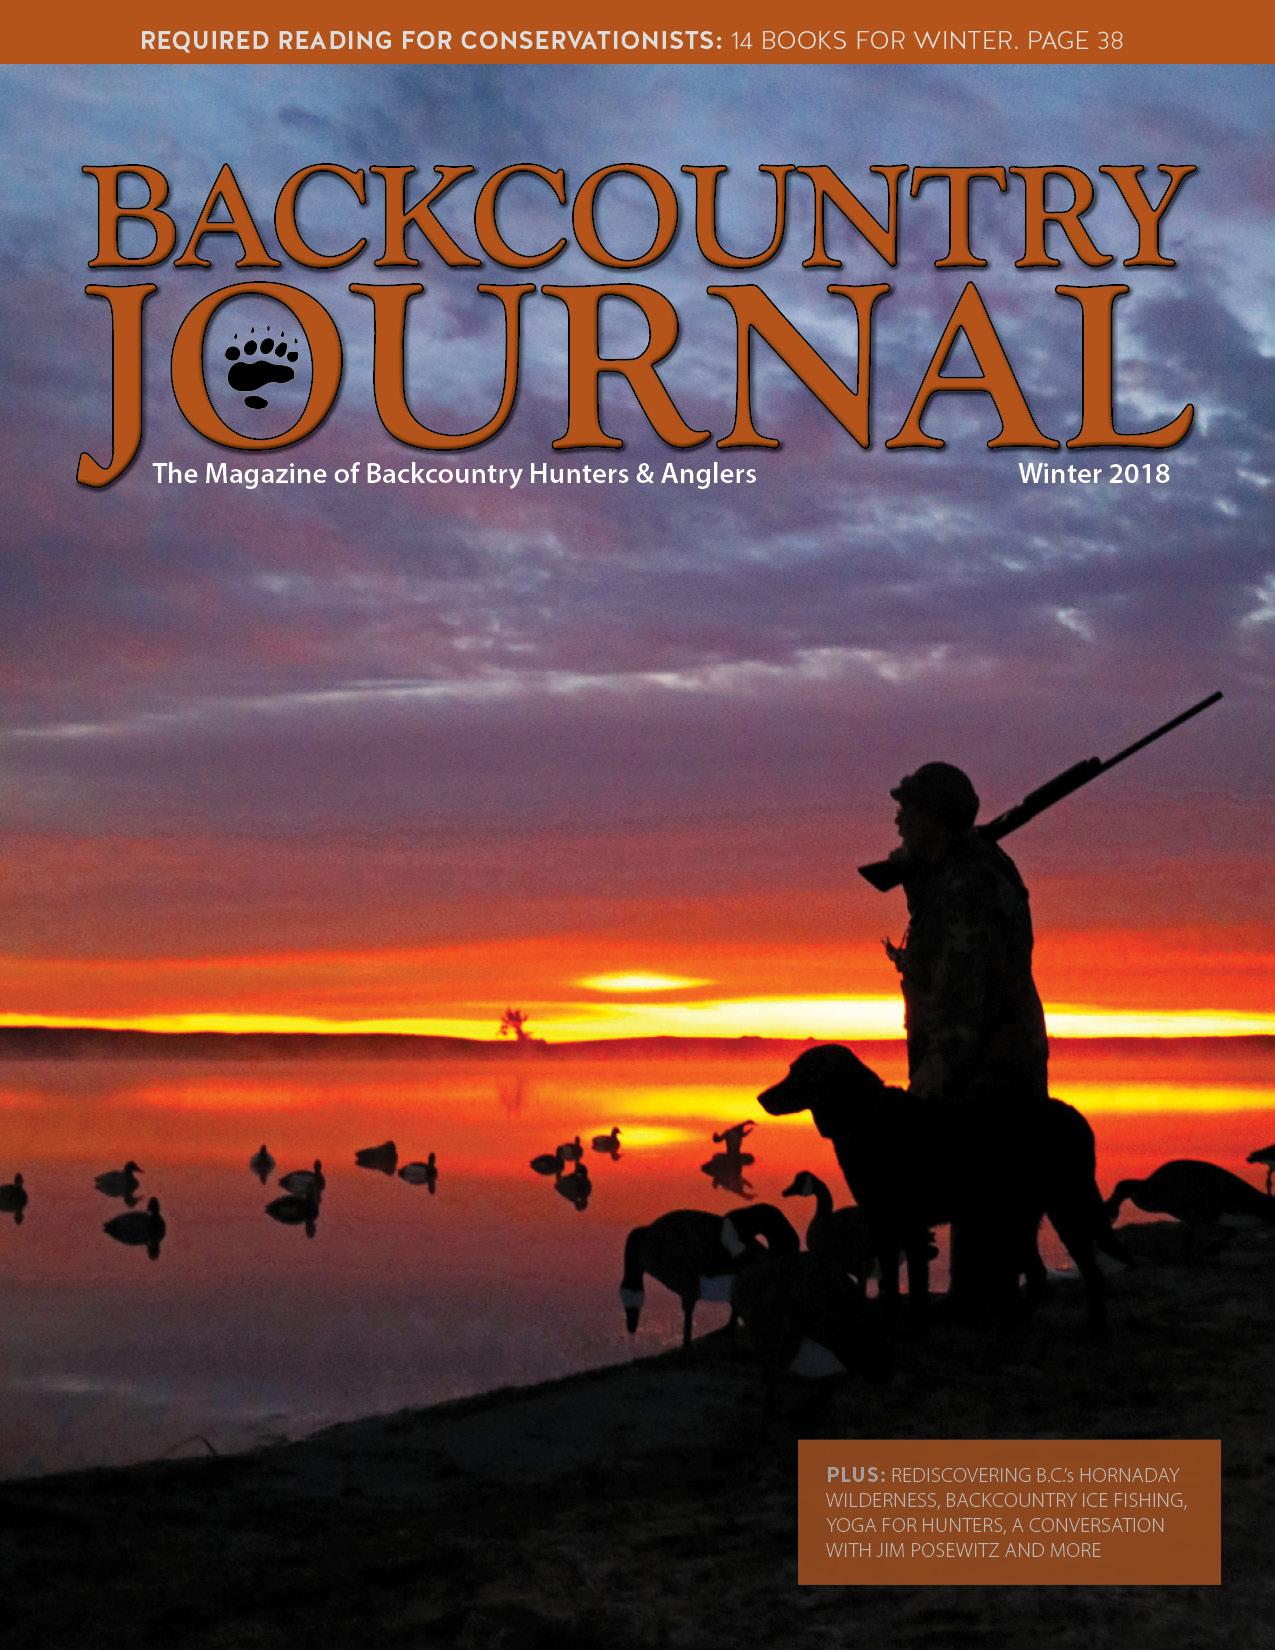 BCJ_WINTER18_cover.jpg